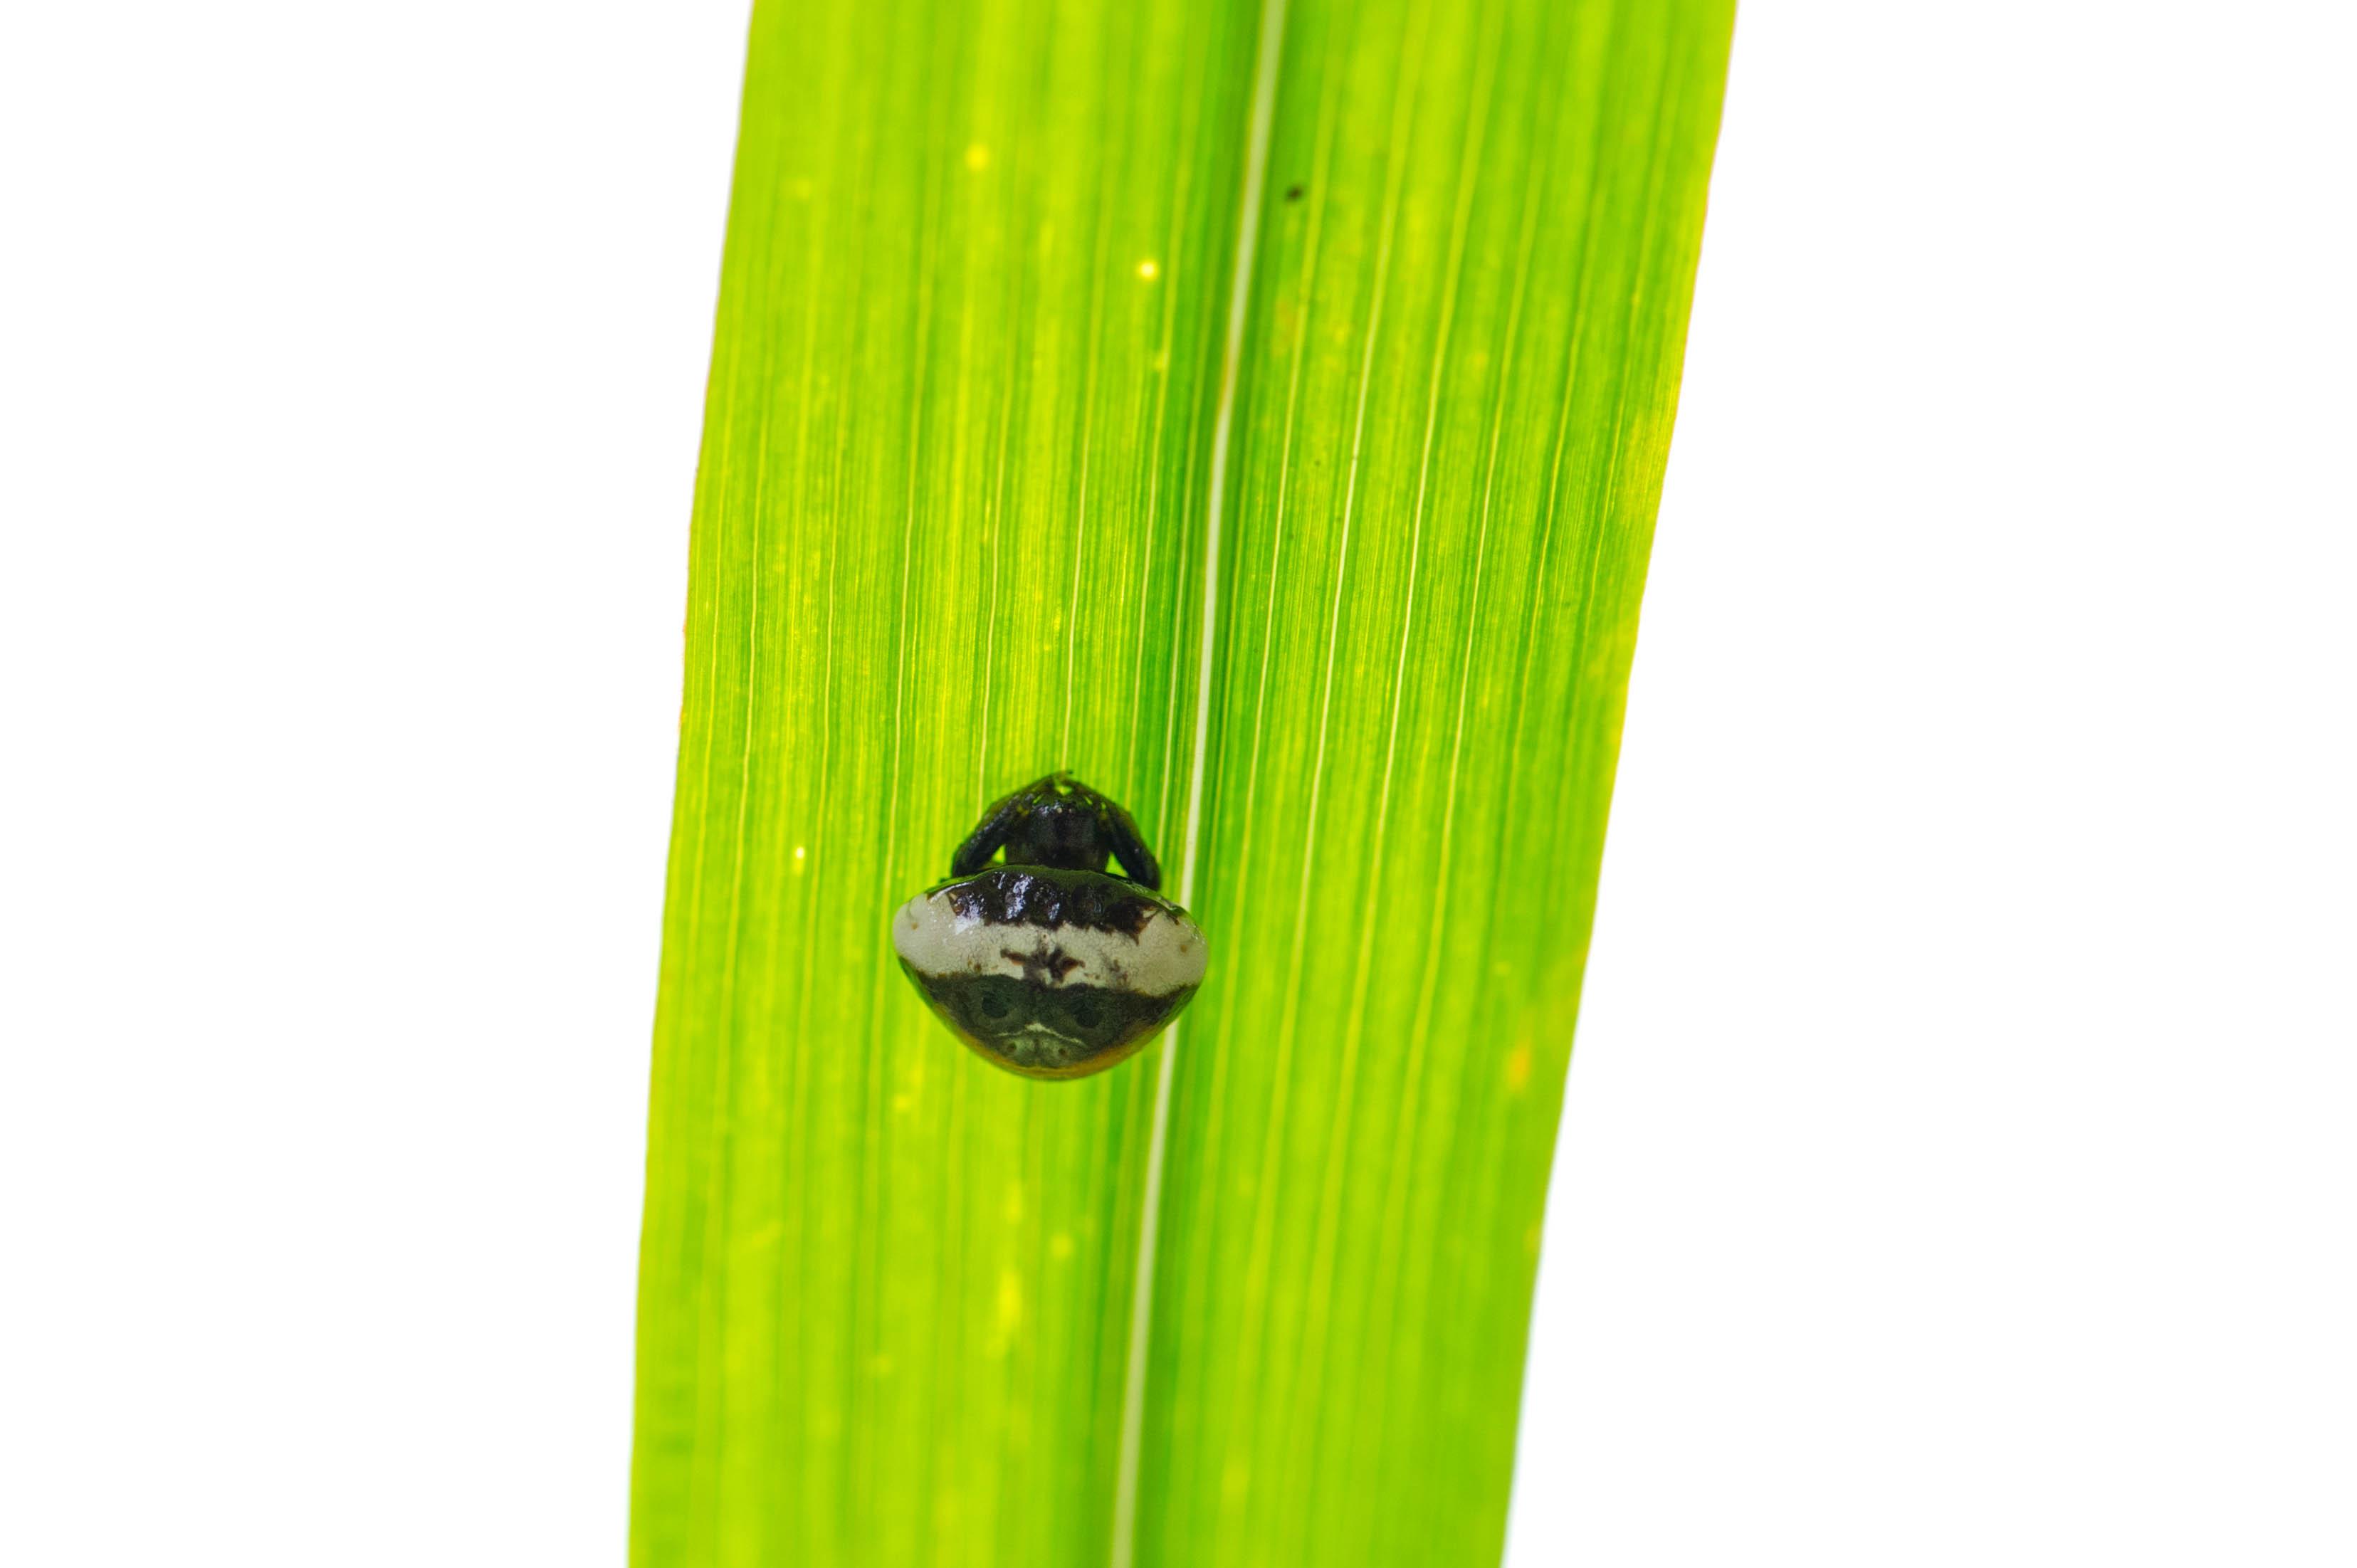 シロオビトリノフンダマシの写真